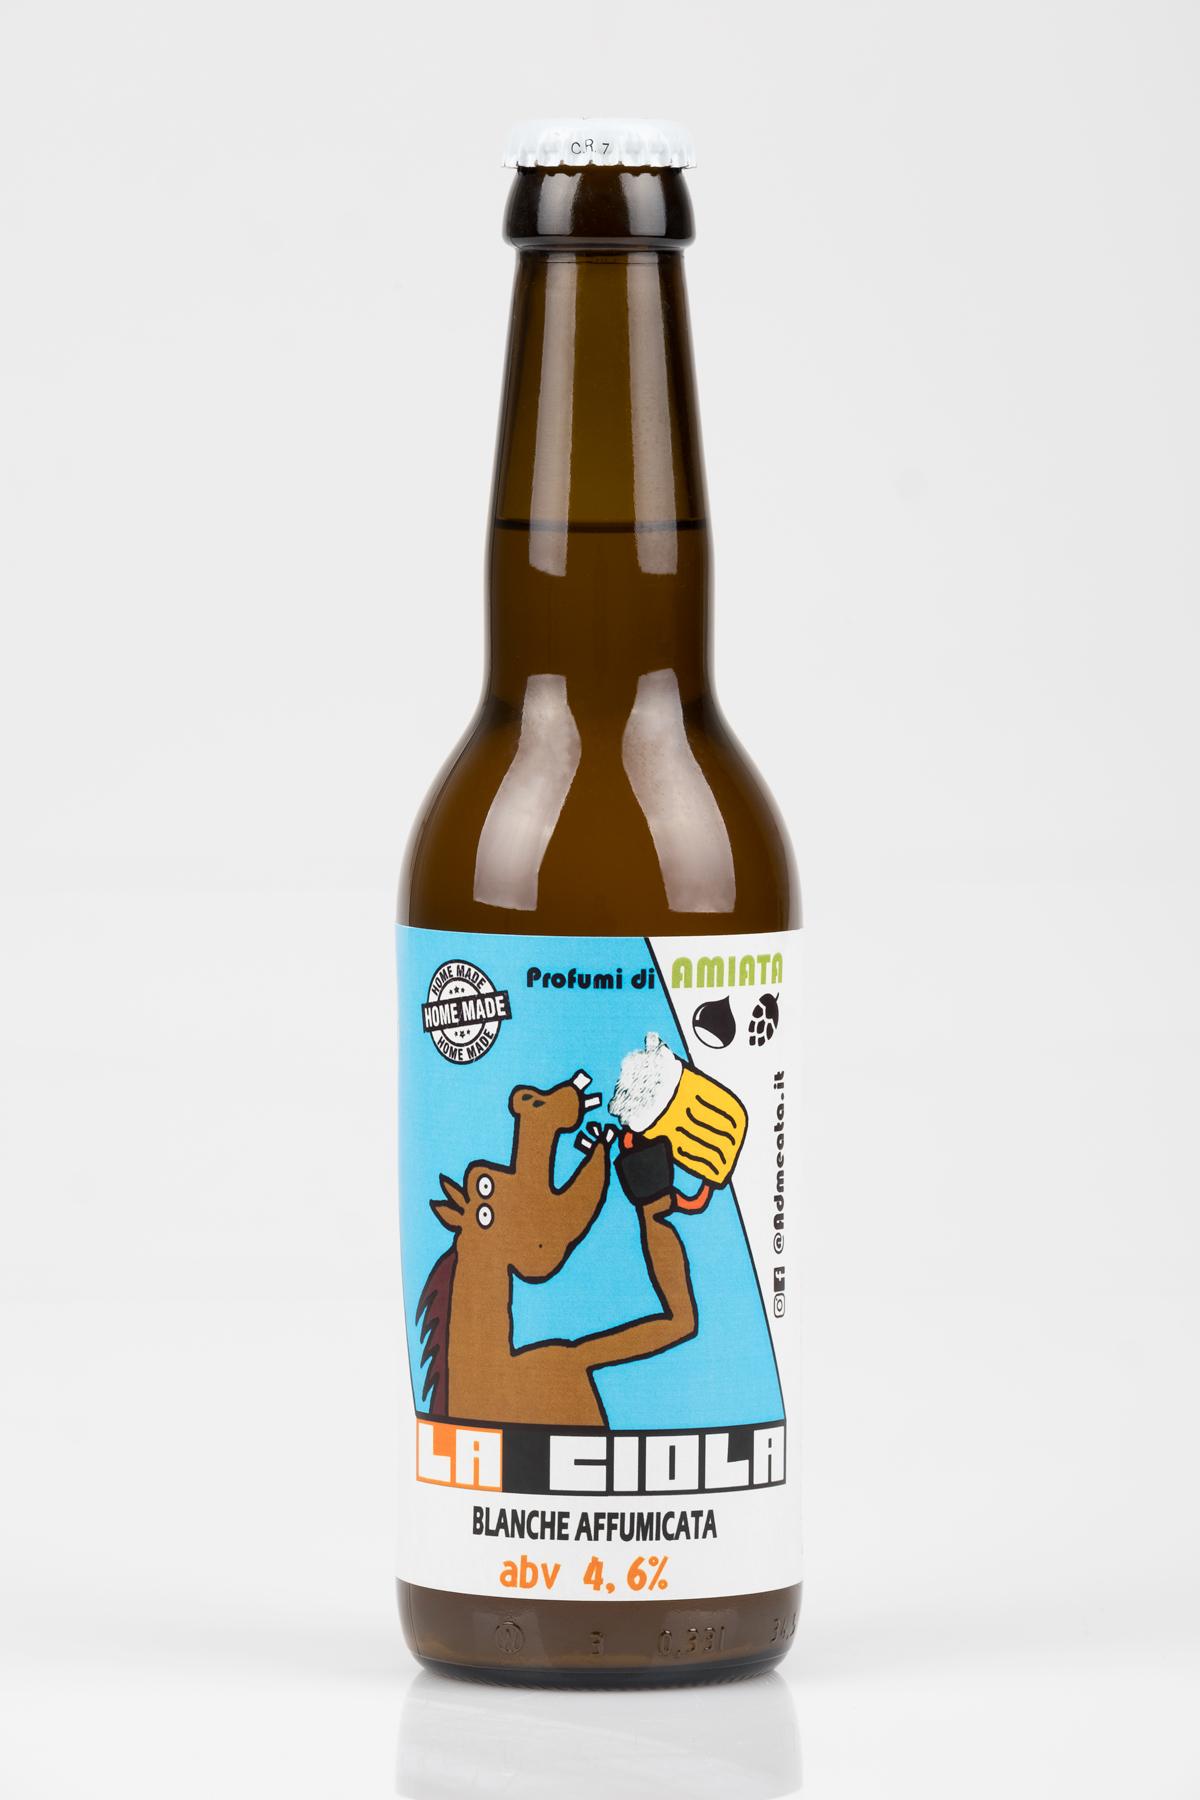 Ricerca e impegno: Nasce la nostra nuova birra affumicata,l'ingrediente cardine? i tradizionali marronsecchi Amiatini